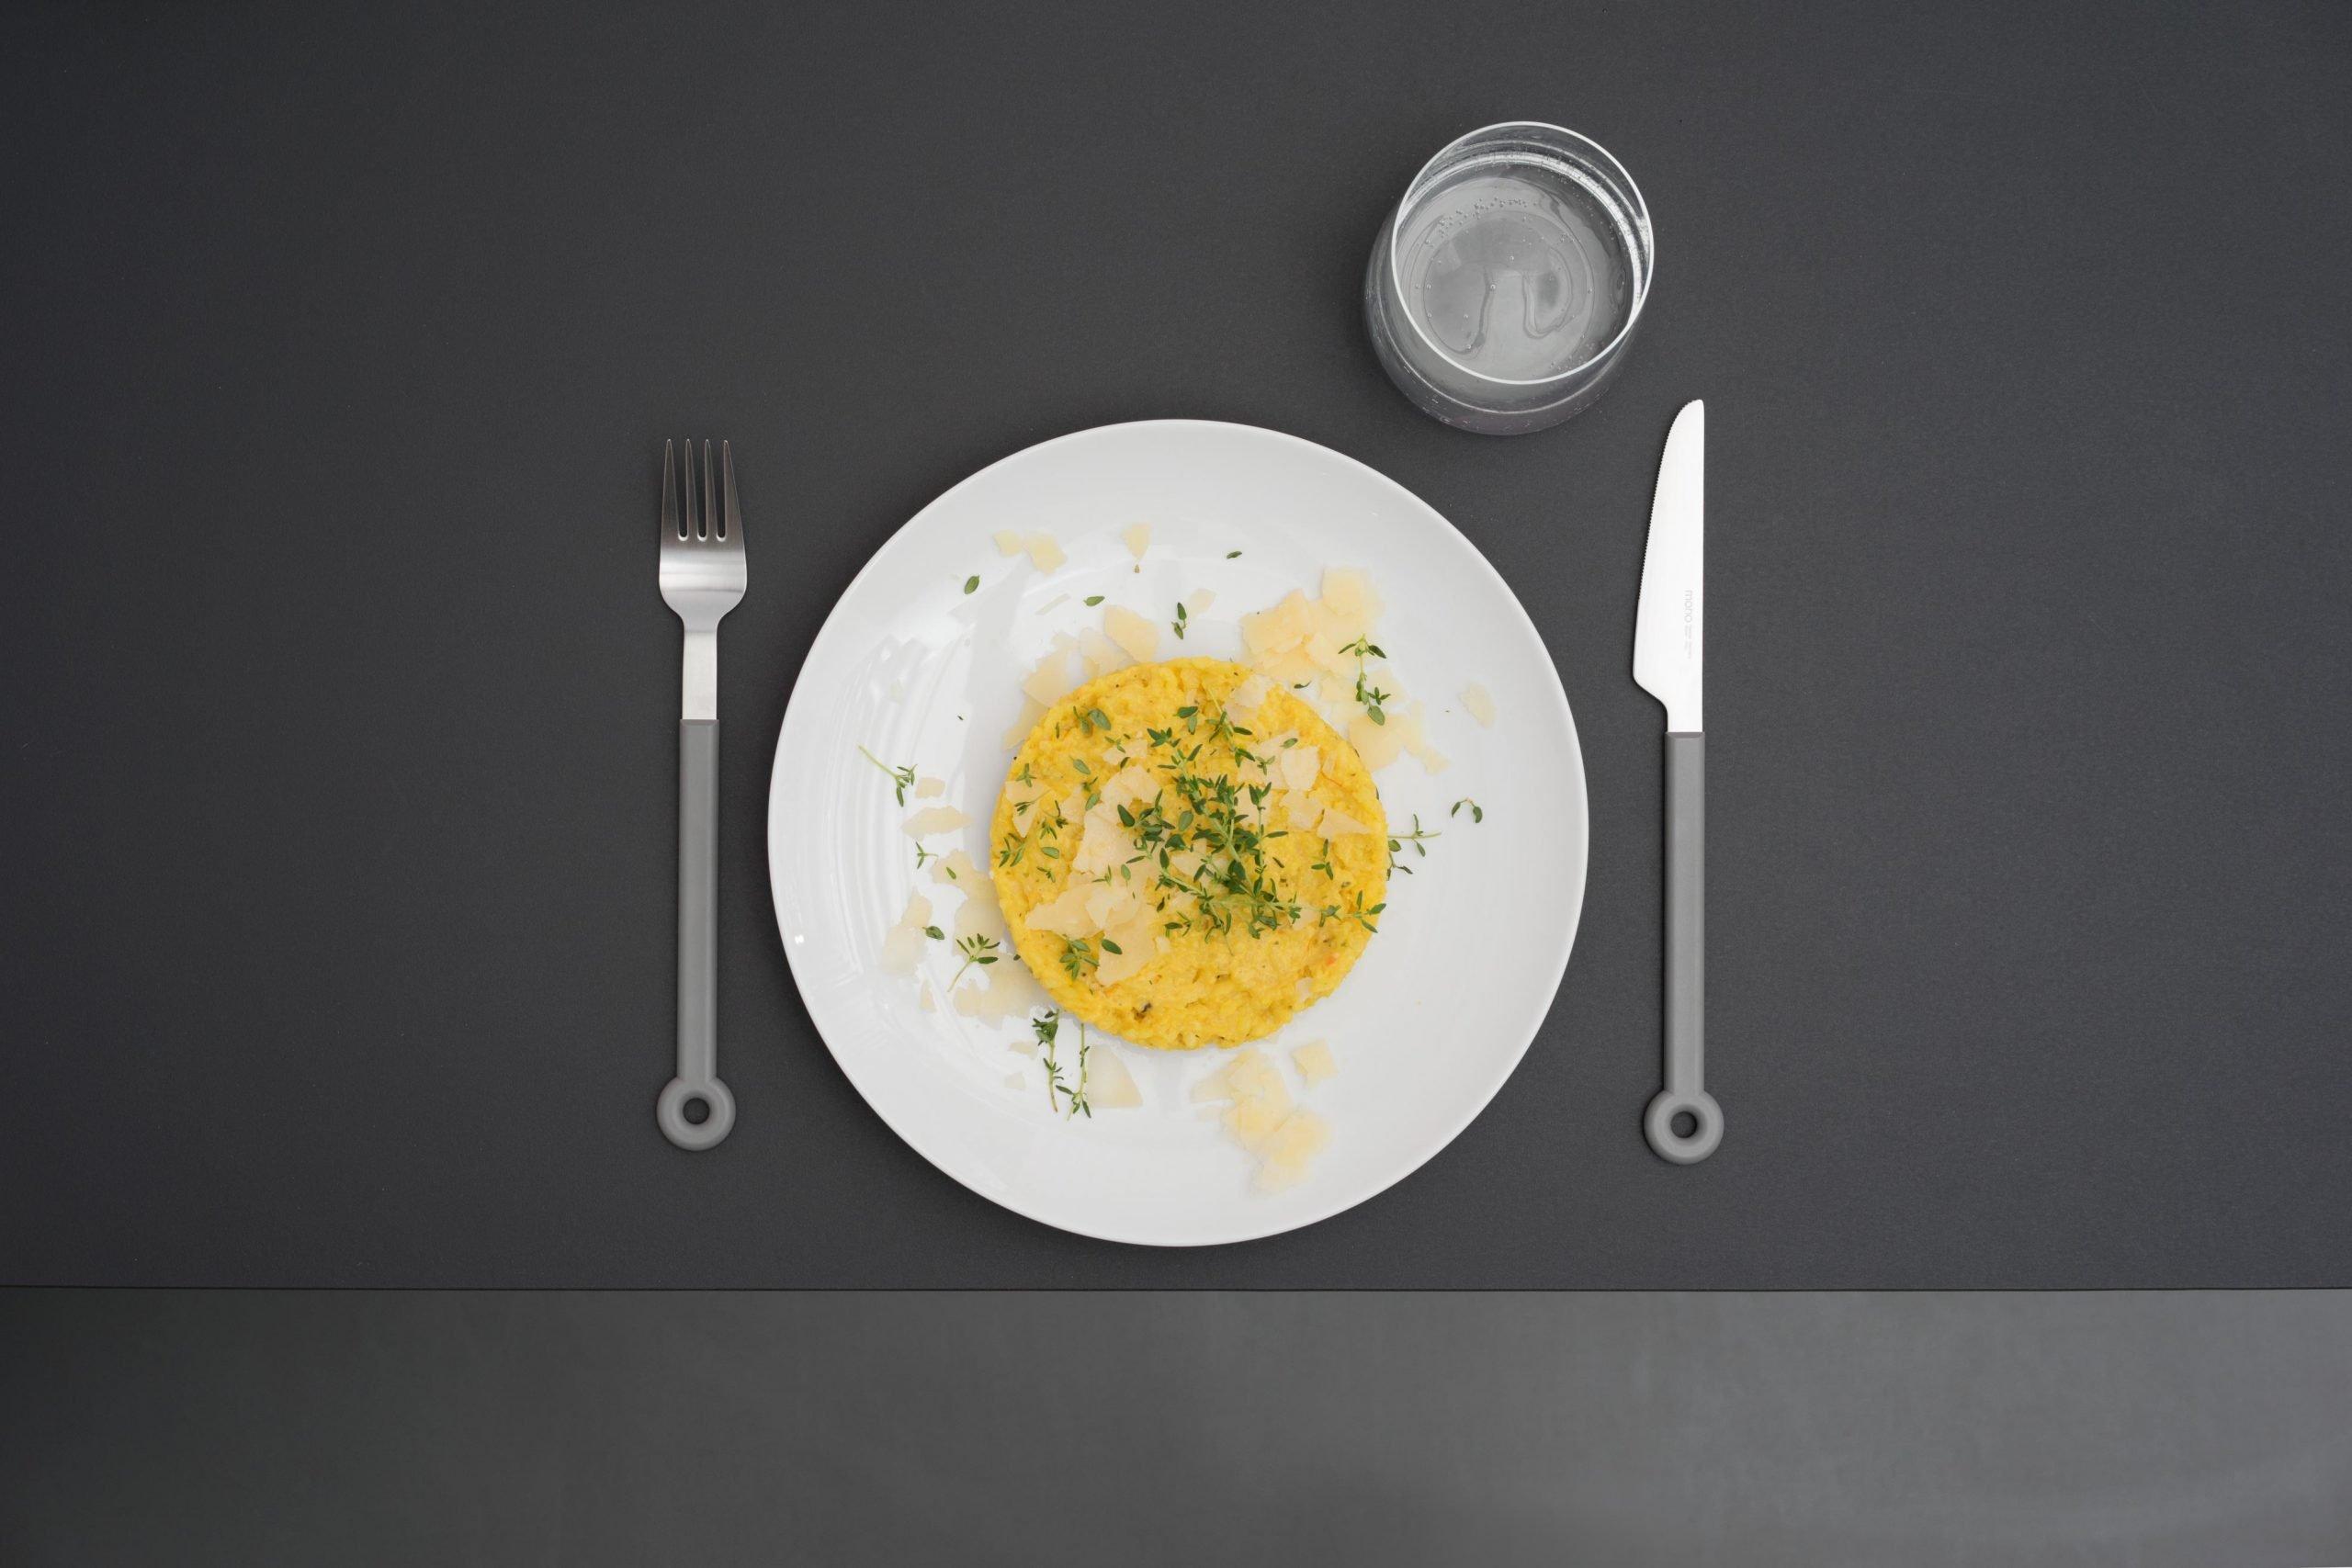 Mit frischen Kräutern und Parmesanflocken garnieren